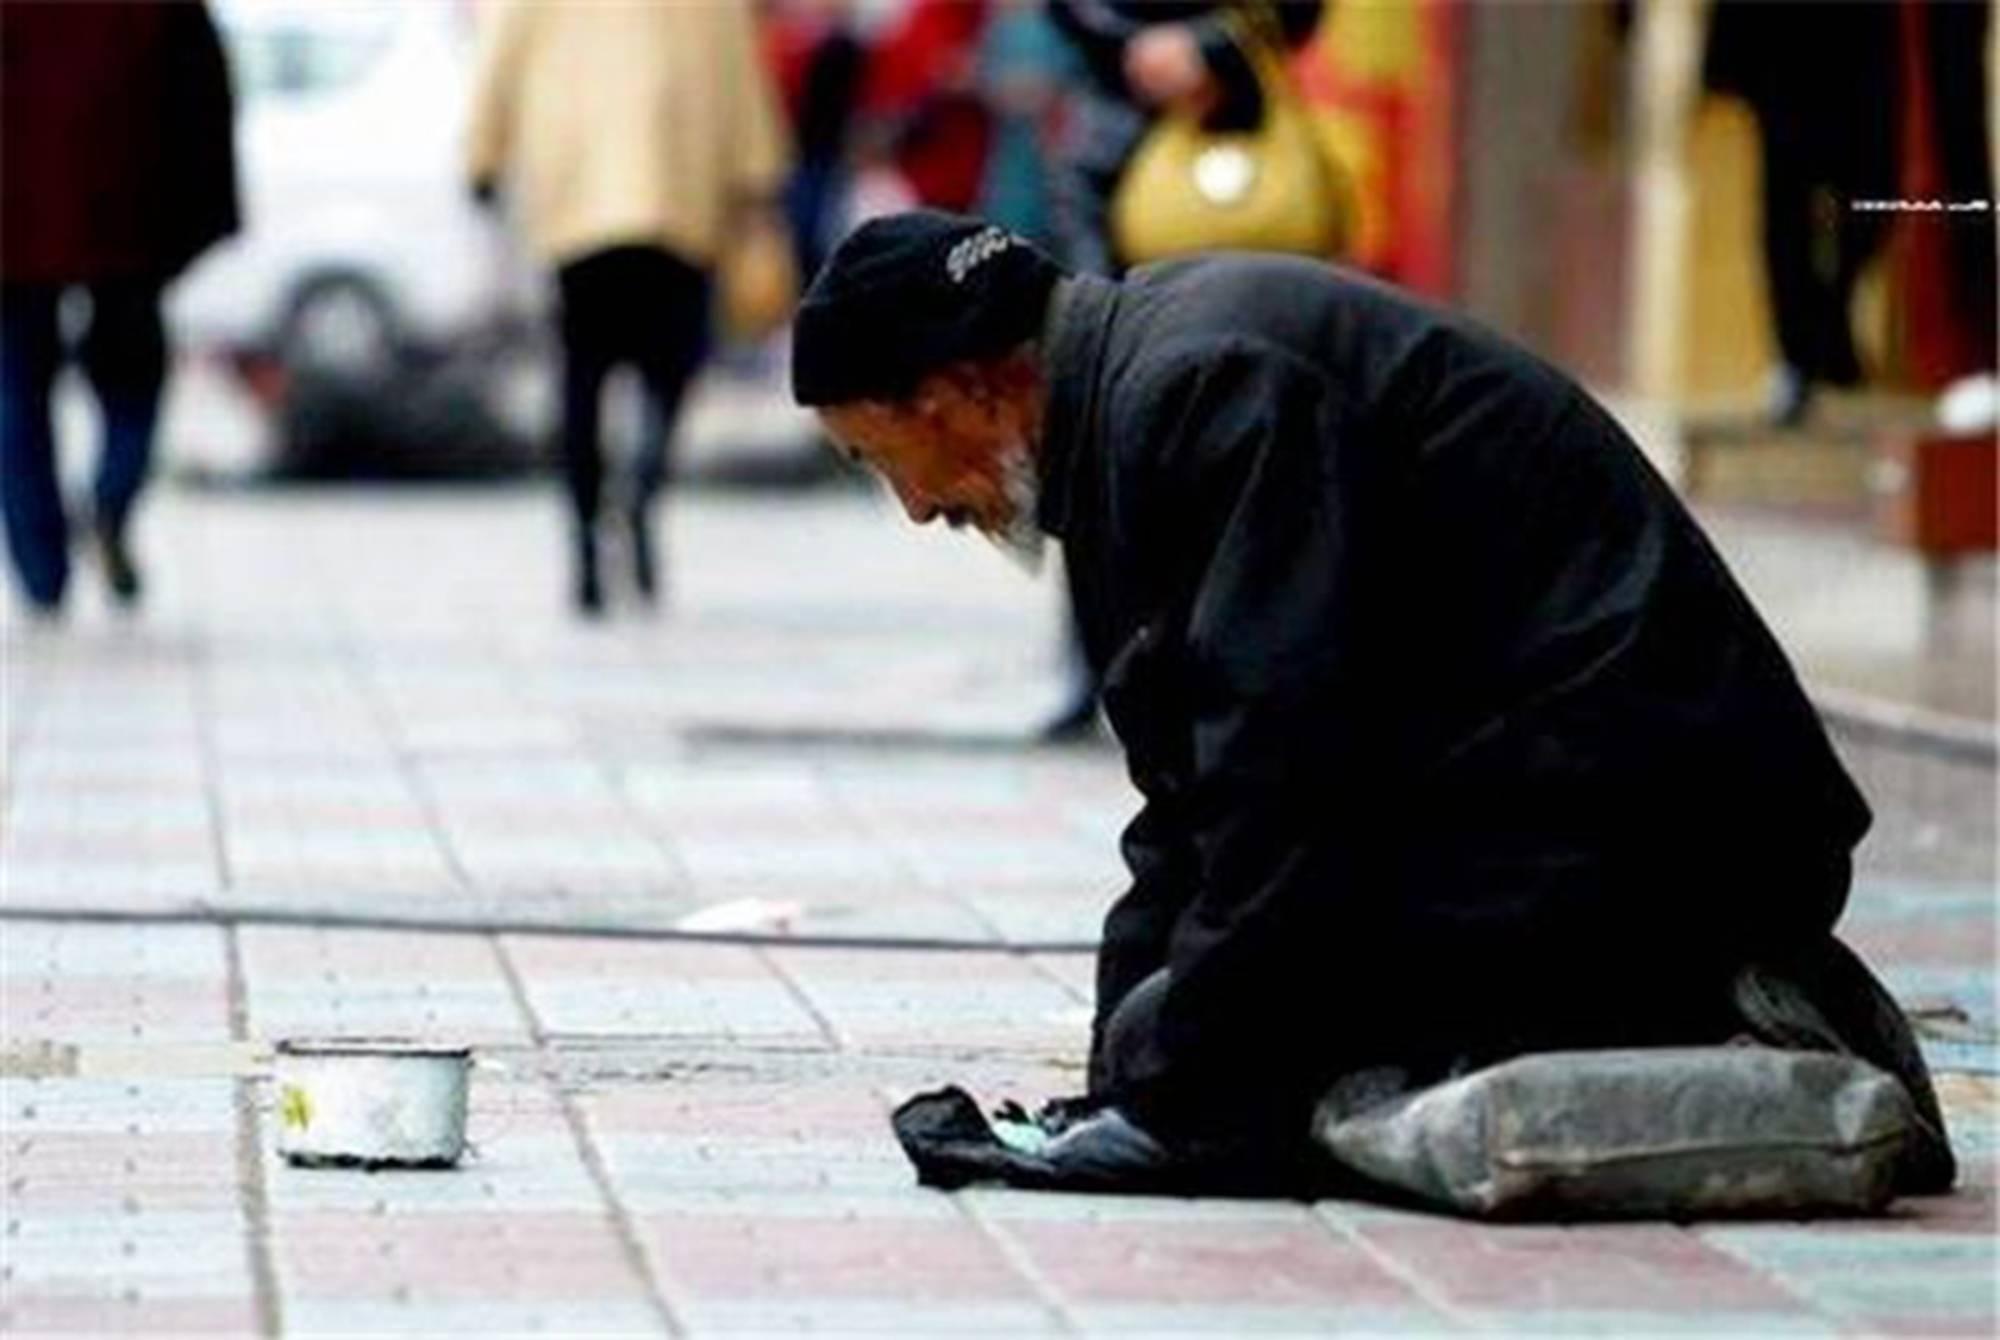 容易给人下跪的人心里 下跪真的对男的很重要